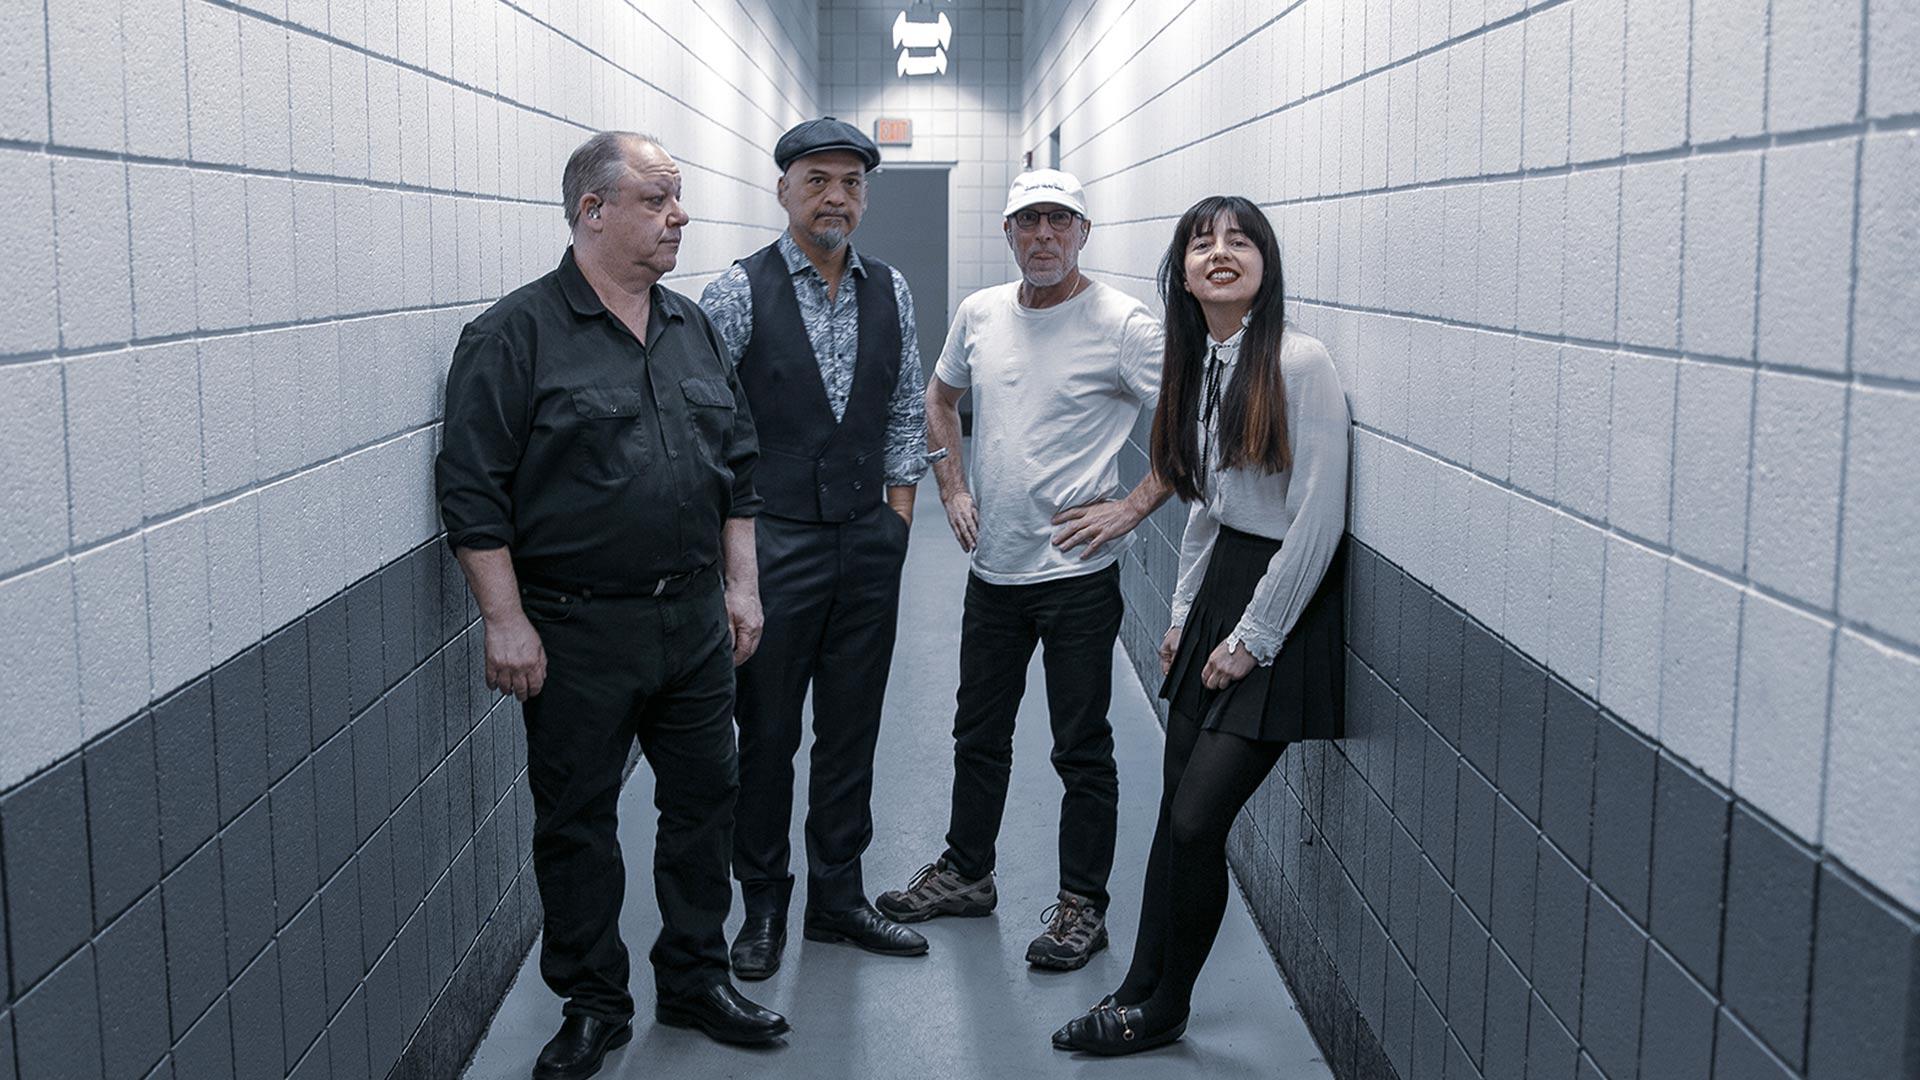 Pixies au Radiant-Bellevue le 20 octobre 2019